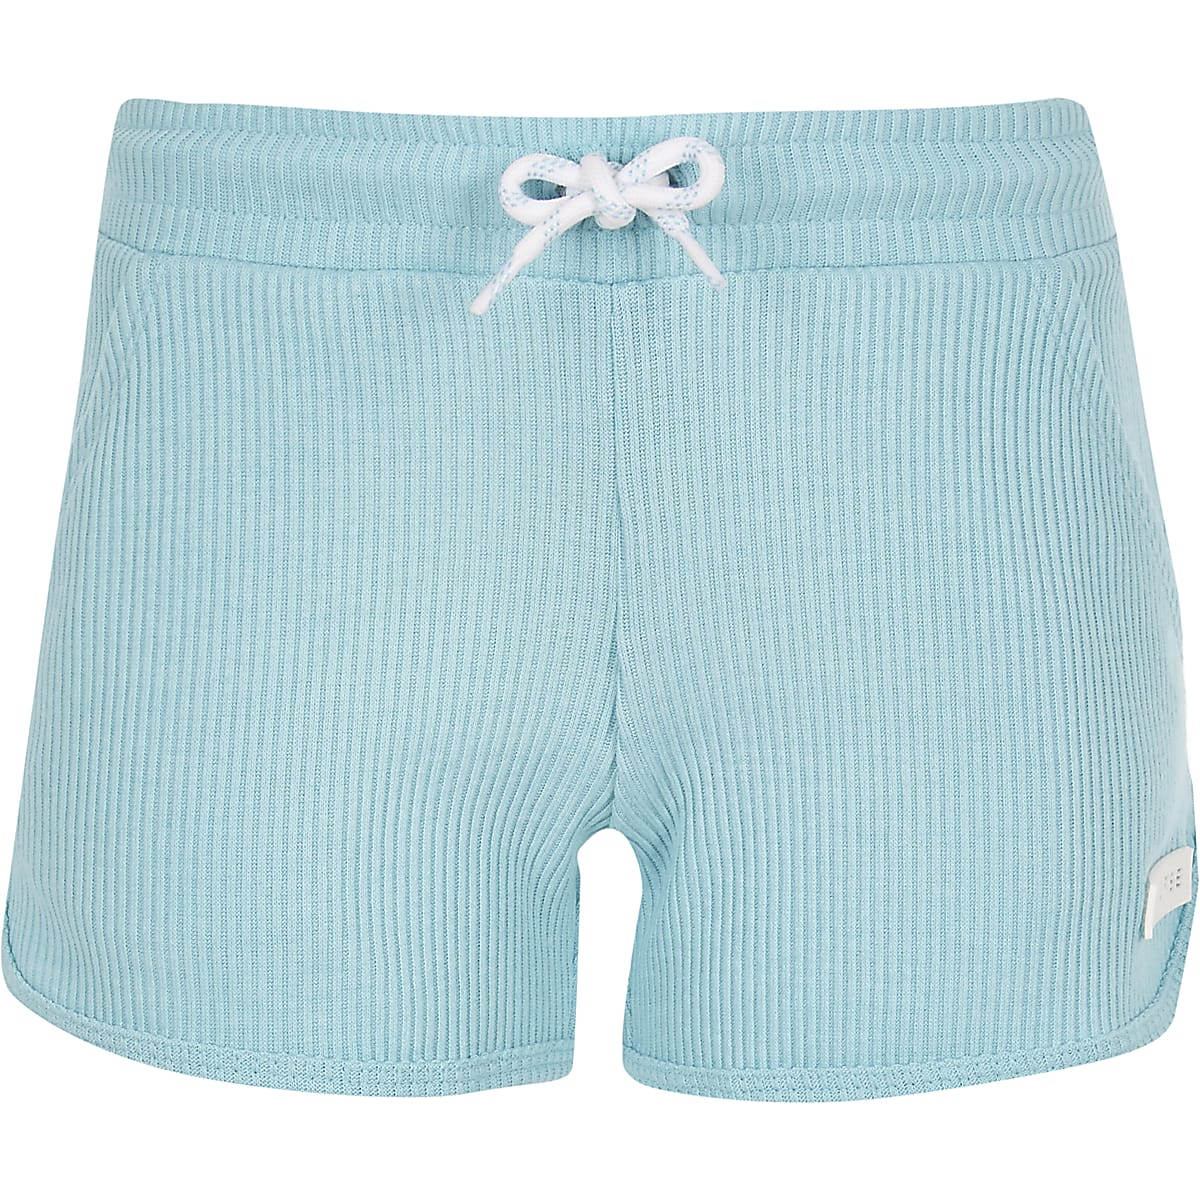 Girls Converse blue ribbed shorts